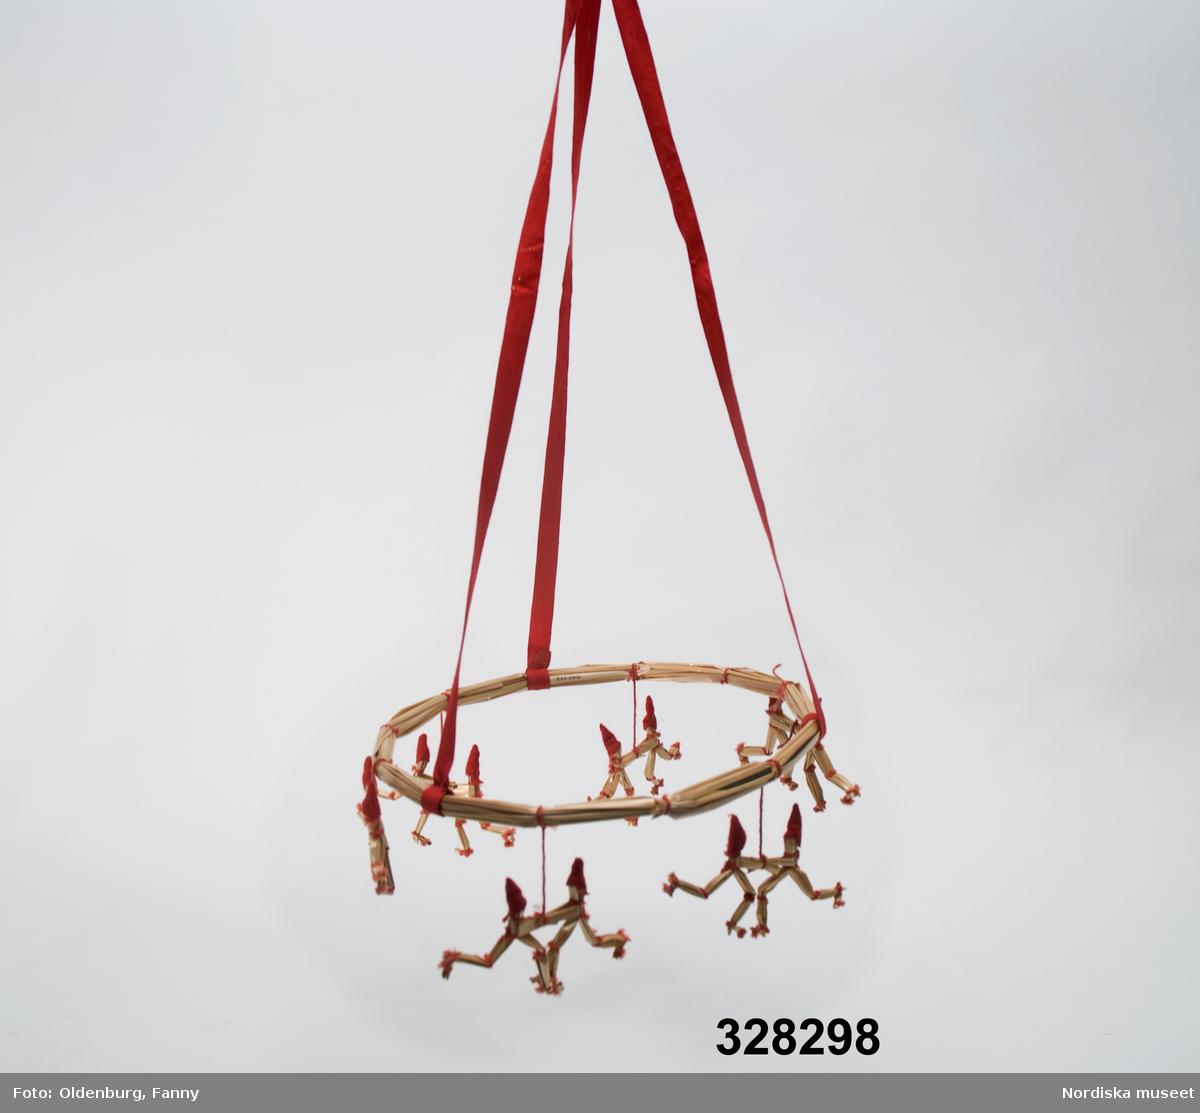 En enkel rund halmkrona, 23 cm i diameter med 6 par hängande dansande halmtomtar. Tomtarna är hopknutna med röd bomullstråd och har röda ylleflanell-luvor. Upphängningsanordningen består av tre röda bomullsband hopknutna upptill, fästa runt kransen med lim. Anm: Limmet har släppt på två av banden. /Lena Kättström-Höök 2005-12-06